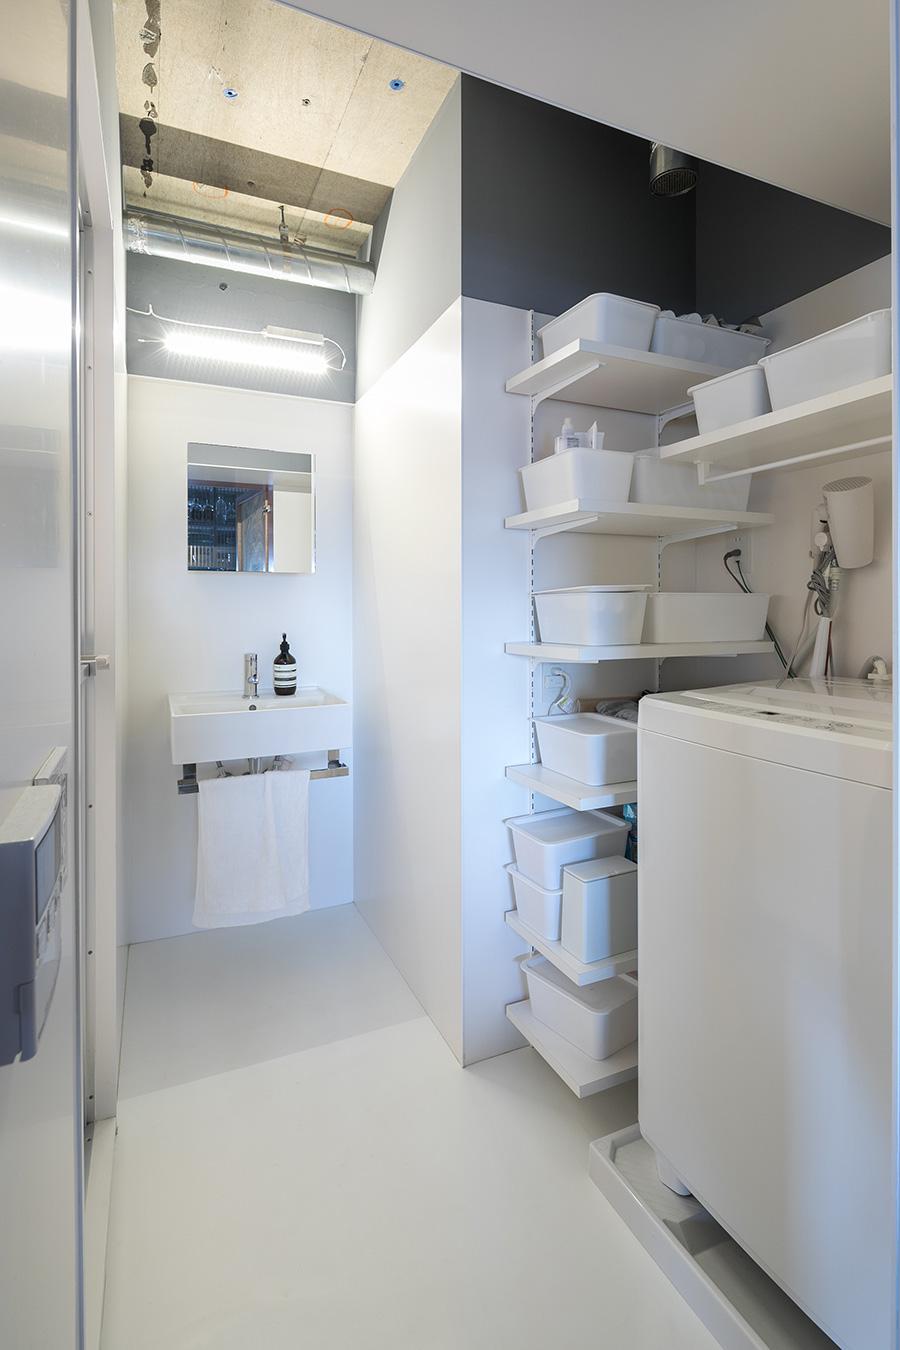 この家で唯一白い空間は洗面脱衣所と風呂。扉を開けると真っ白な空間が現れるギャップもまた面白い。